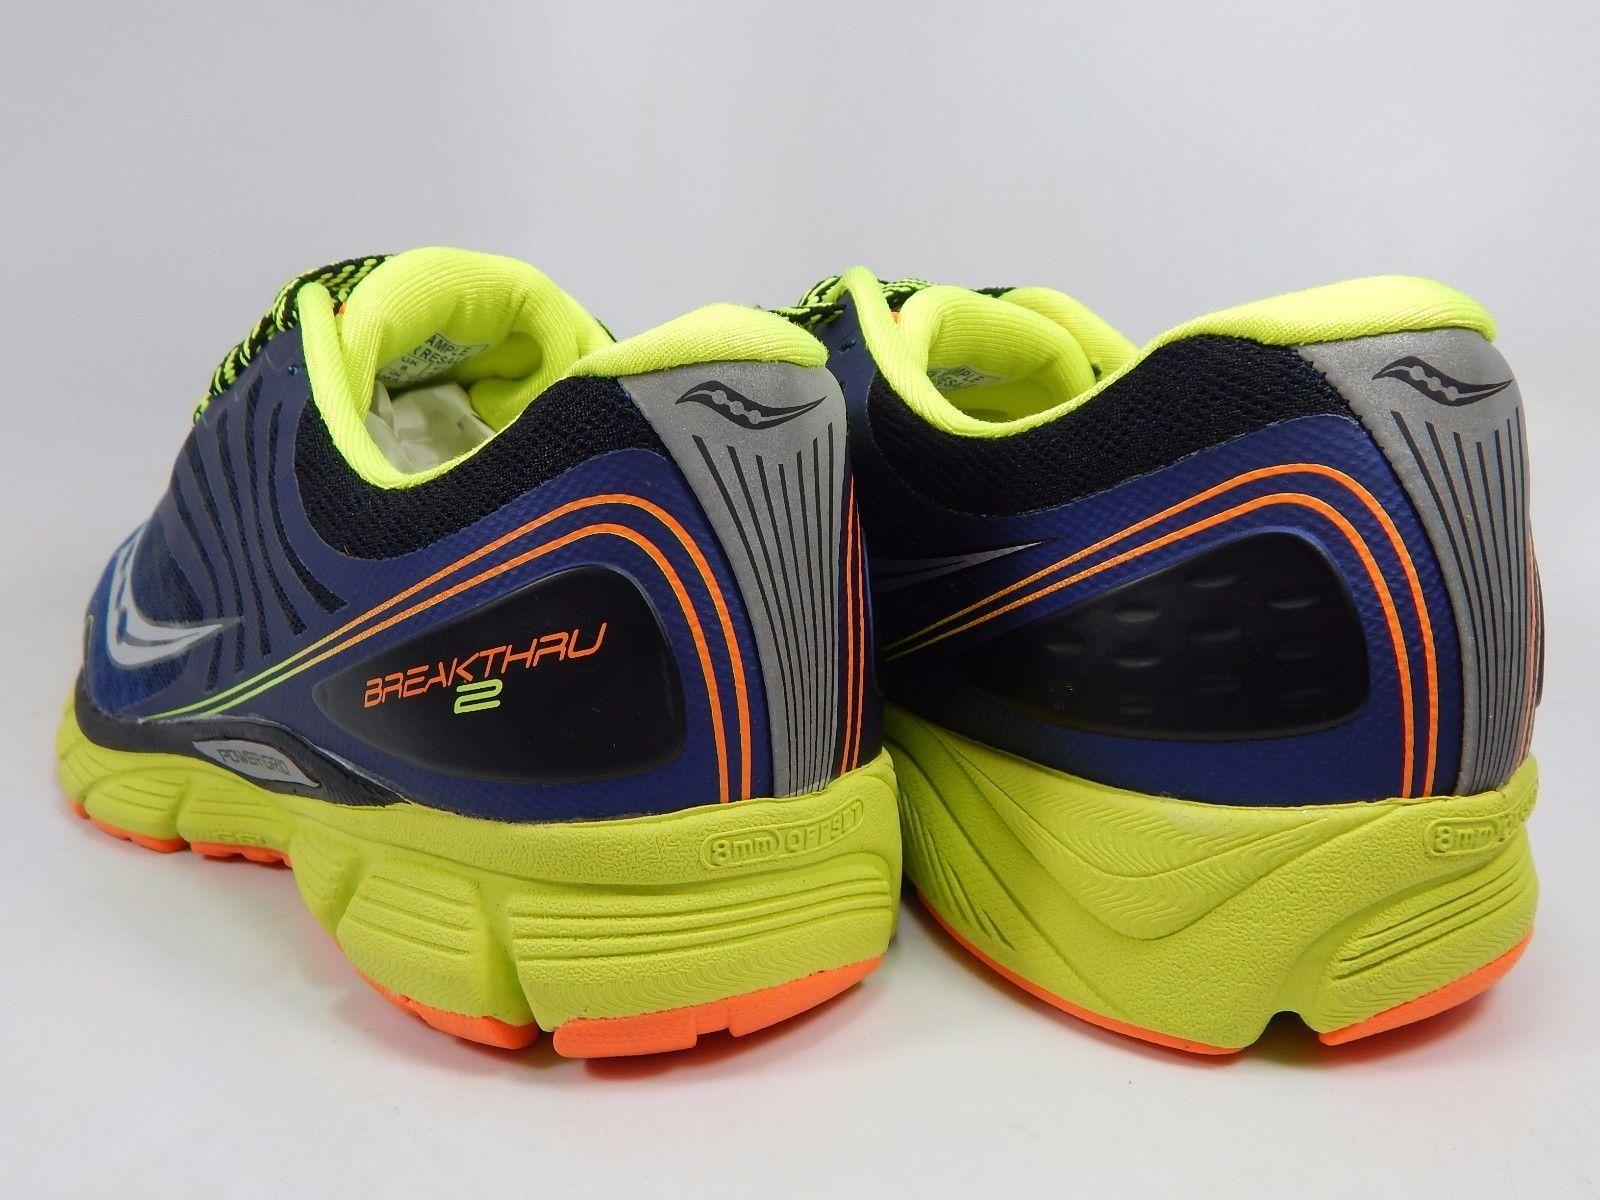 Saucony Breakthru 2 Men's Running Shoes Size US 9 M (D) EU 42.5 Blue S20304-2